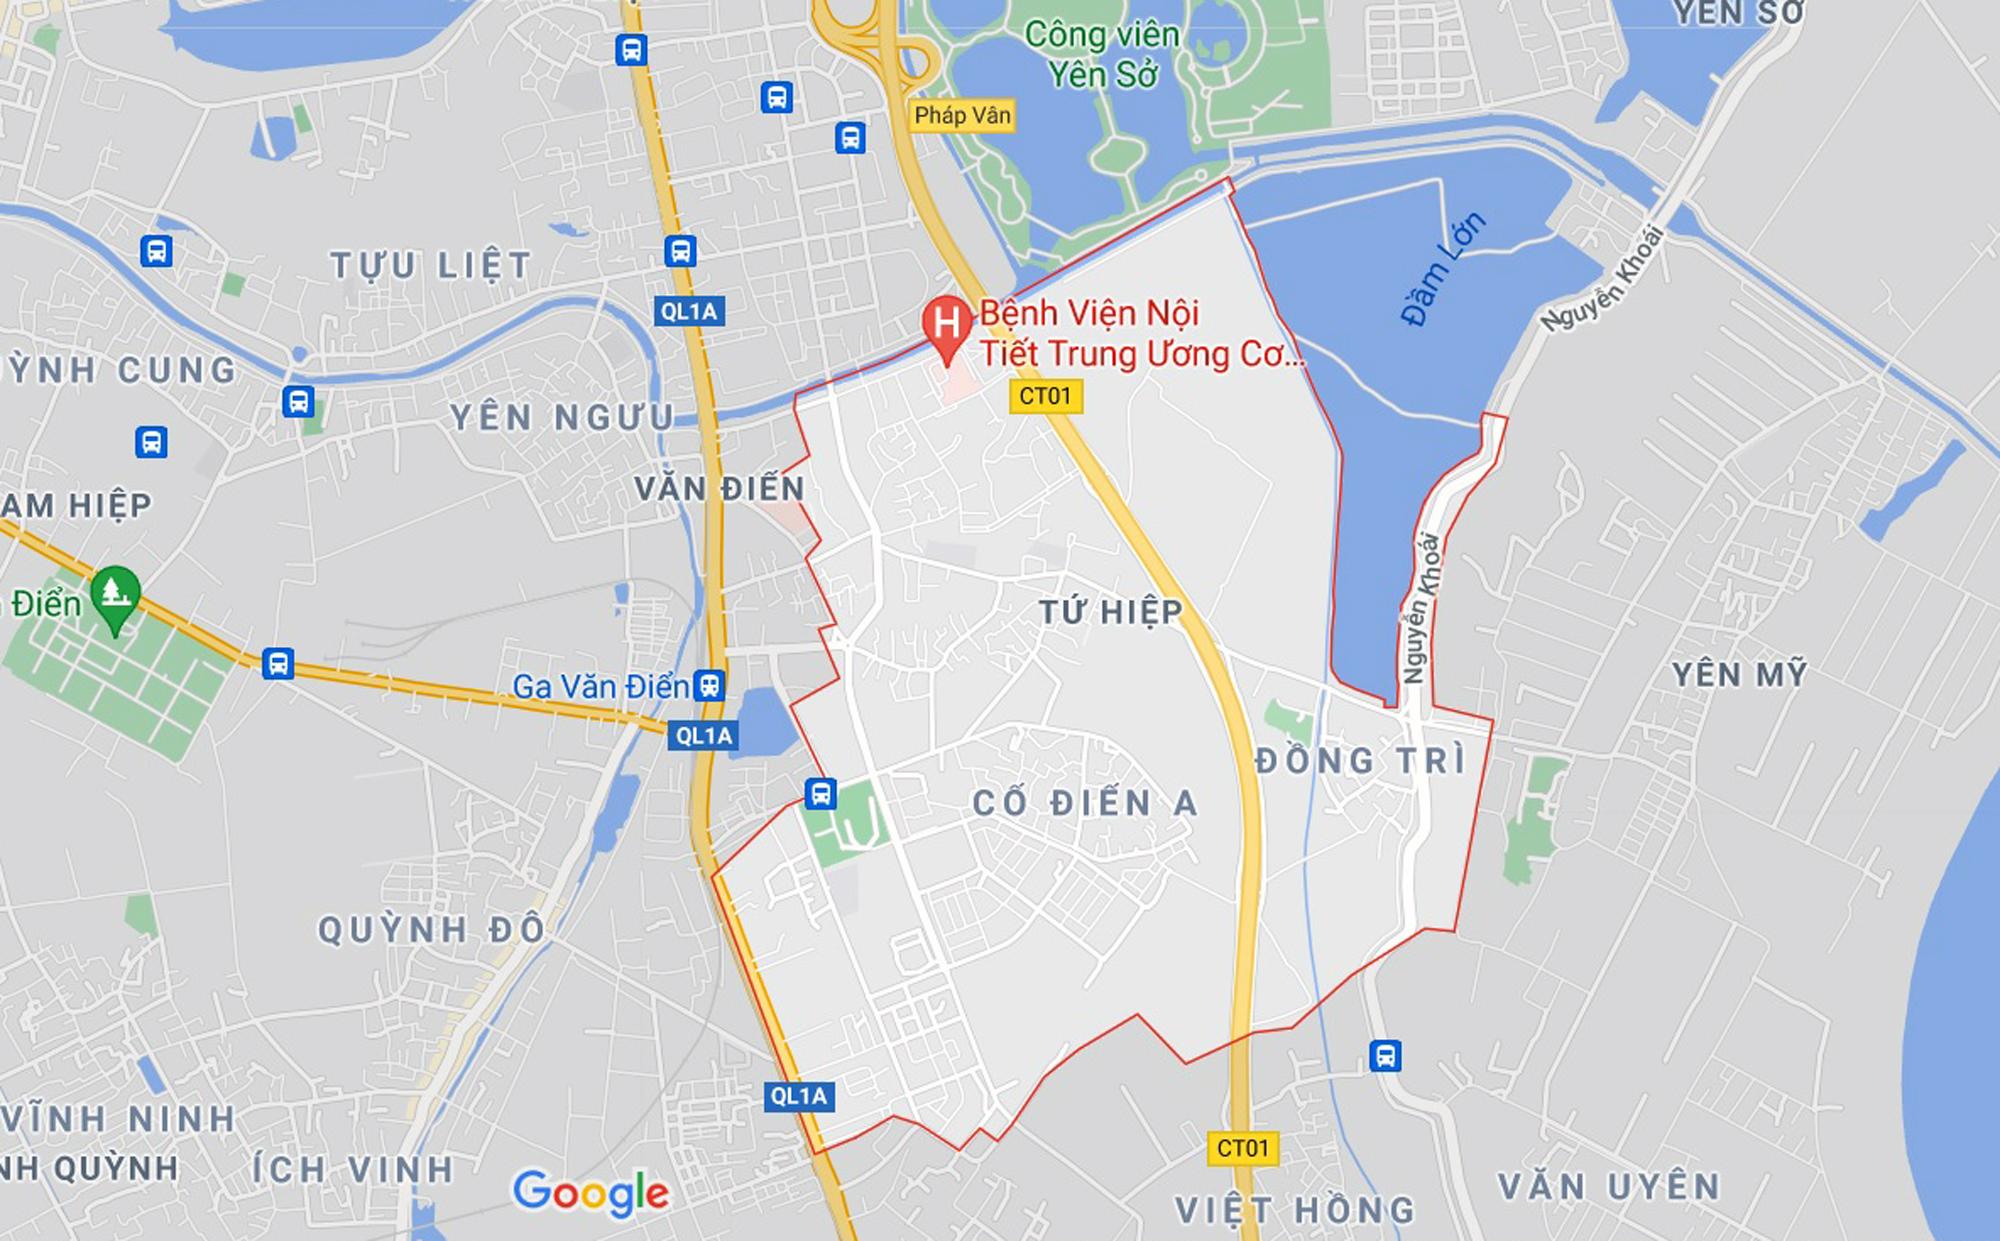 Những khu đất sắp thu hồi để mở đường ở xã Tứ Hiệp, Thanh Trì, Hà Nội (phần 2) - Ảnh 1.